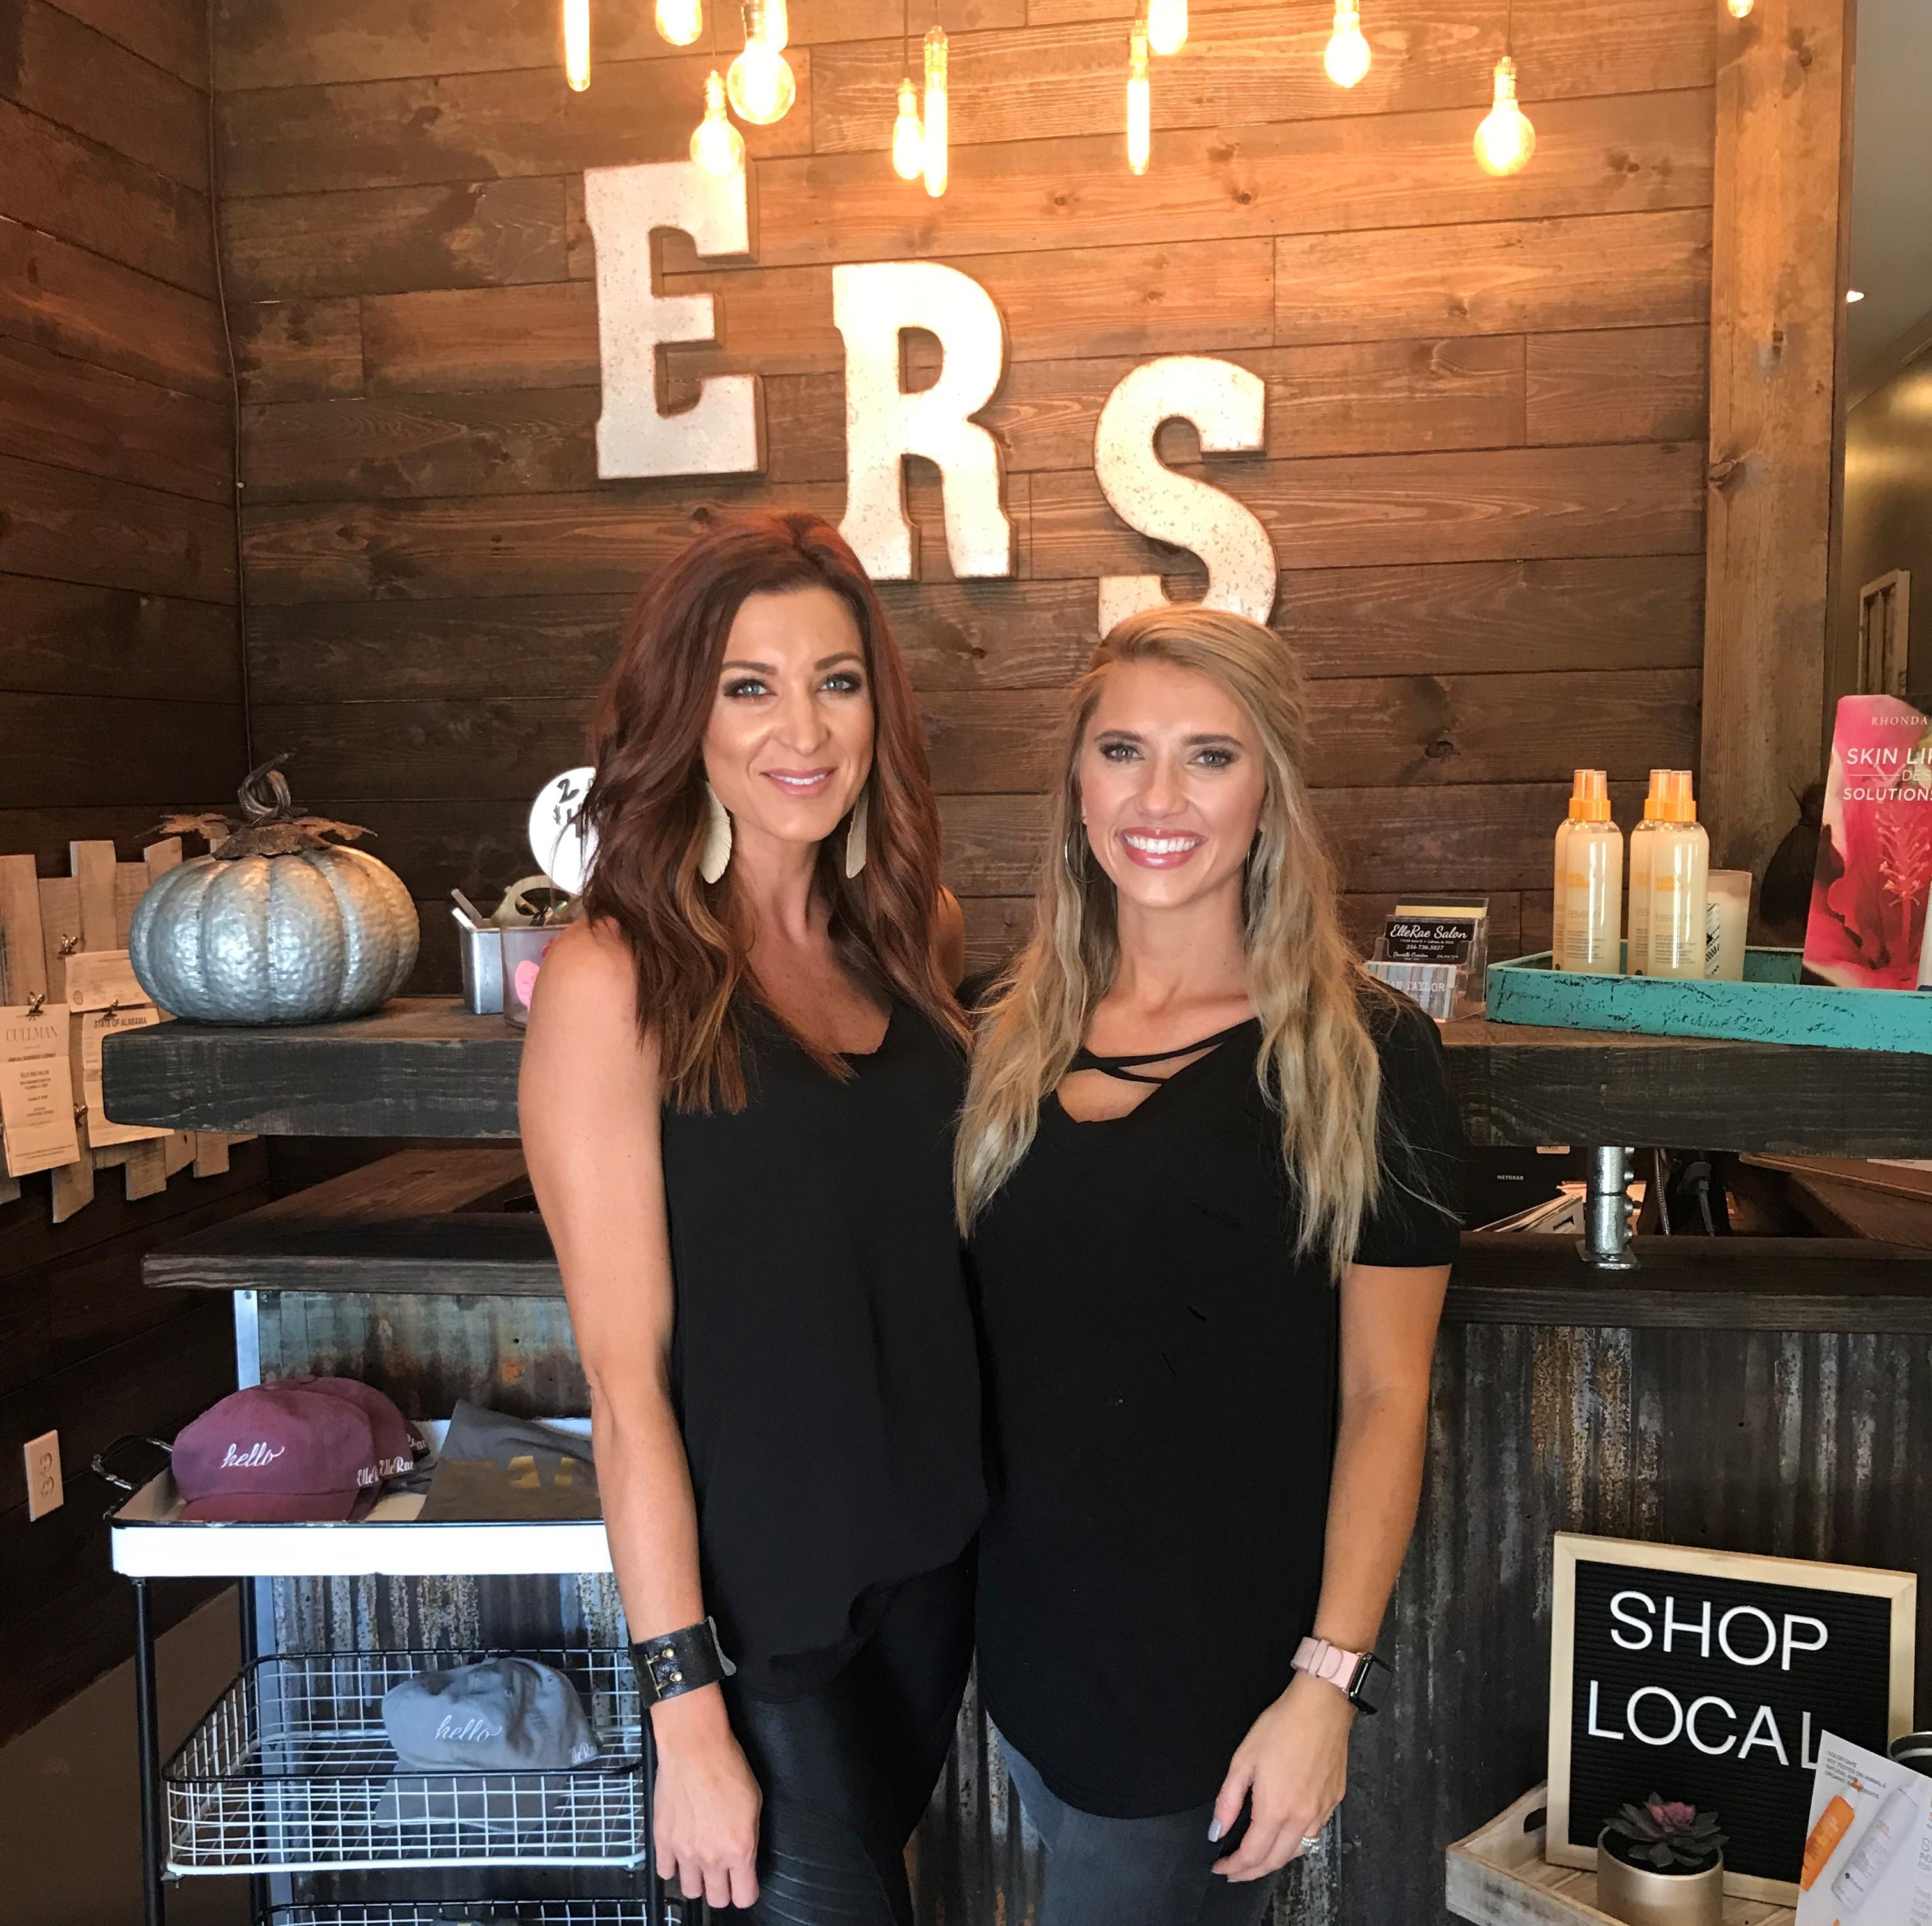 ElleRae Salon opens in new location - The Cullman Tribune